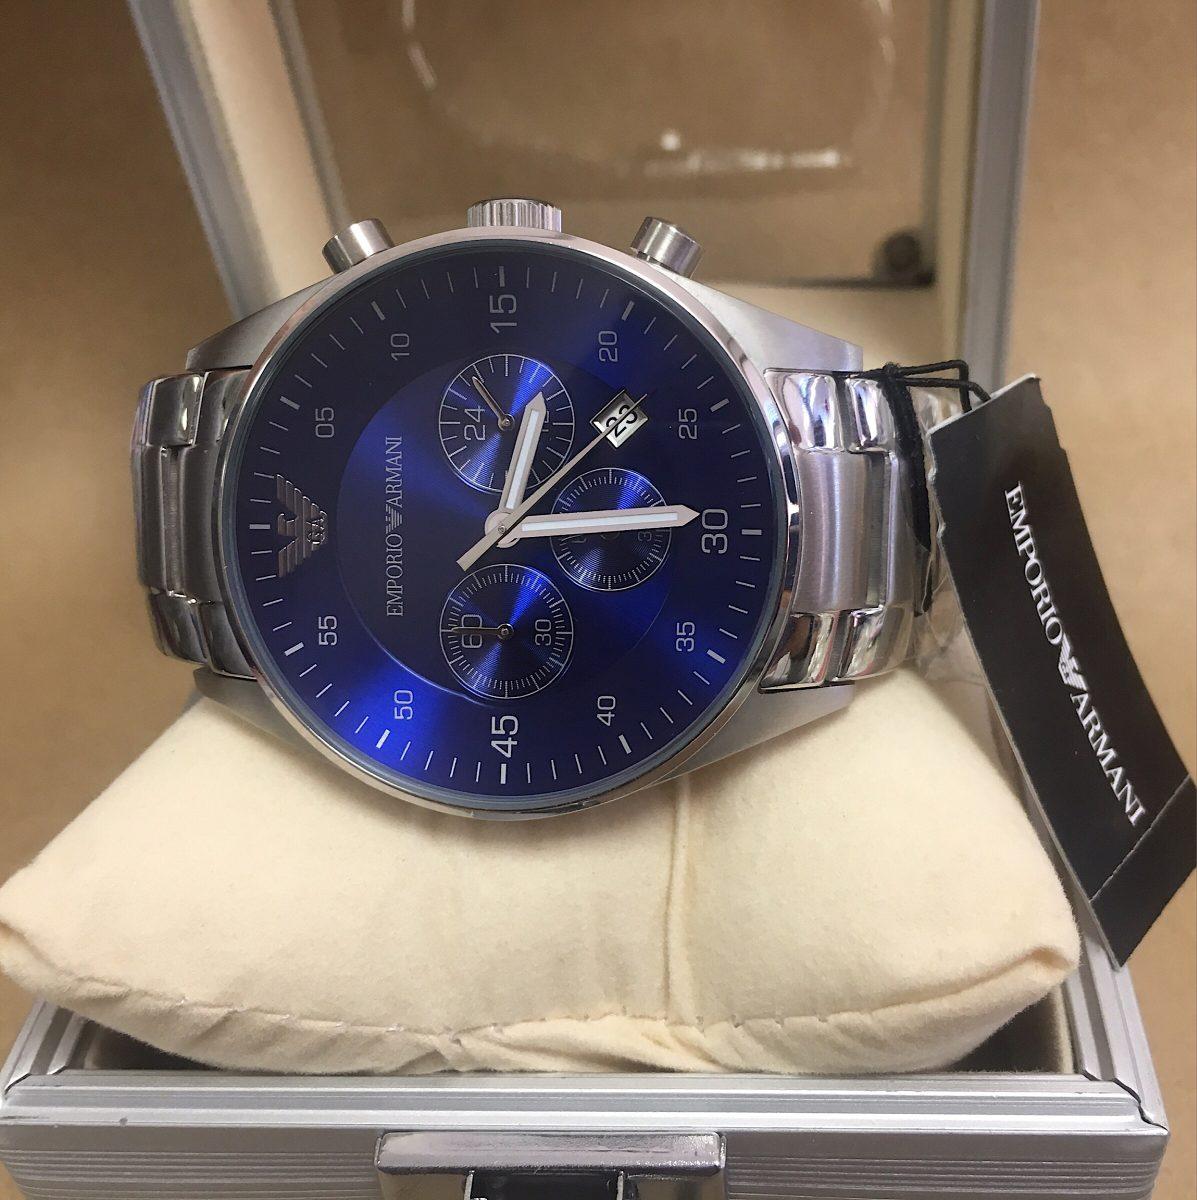 Relógio Empório Armani Ar5860 Com Caixa E Manual - R  298,00 em ... b9cf7773e8